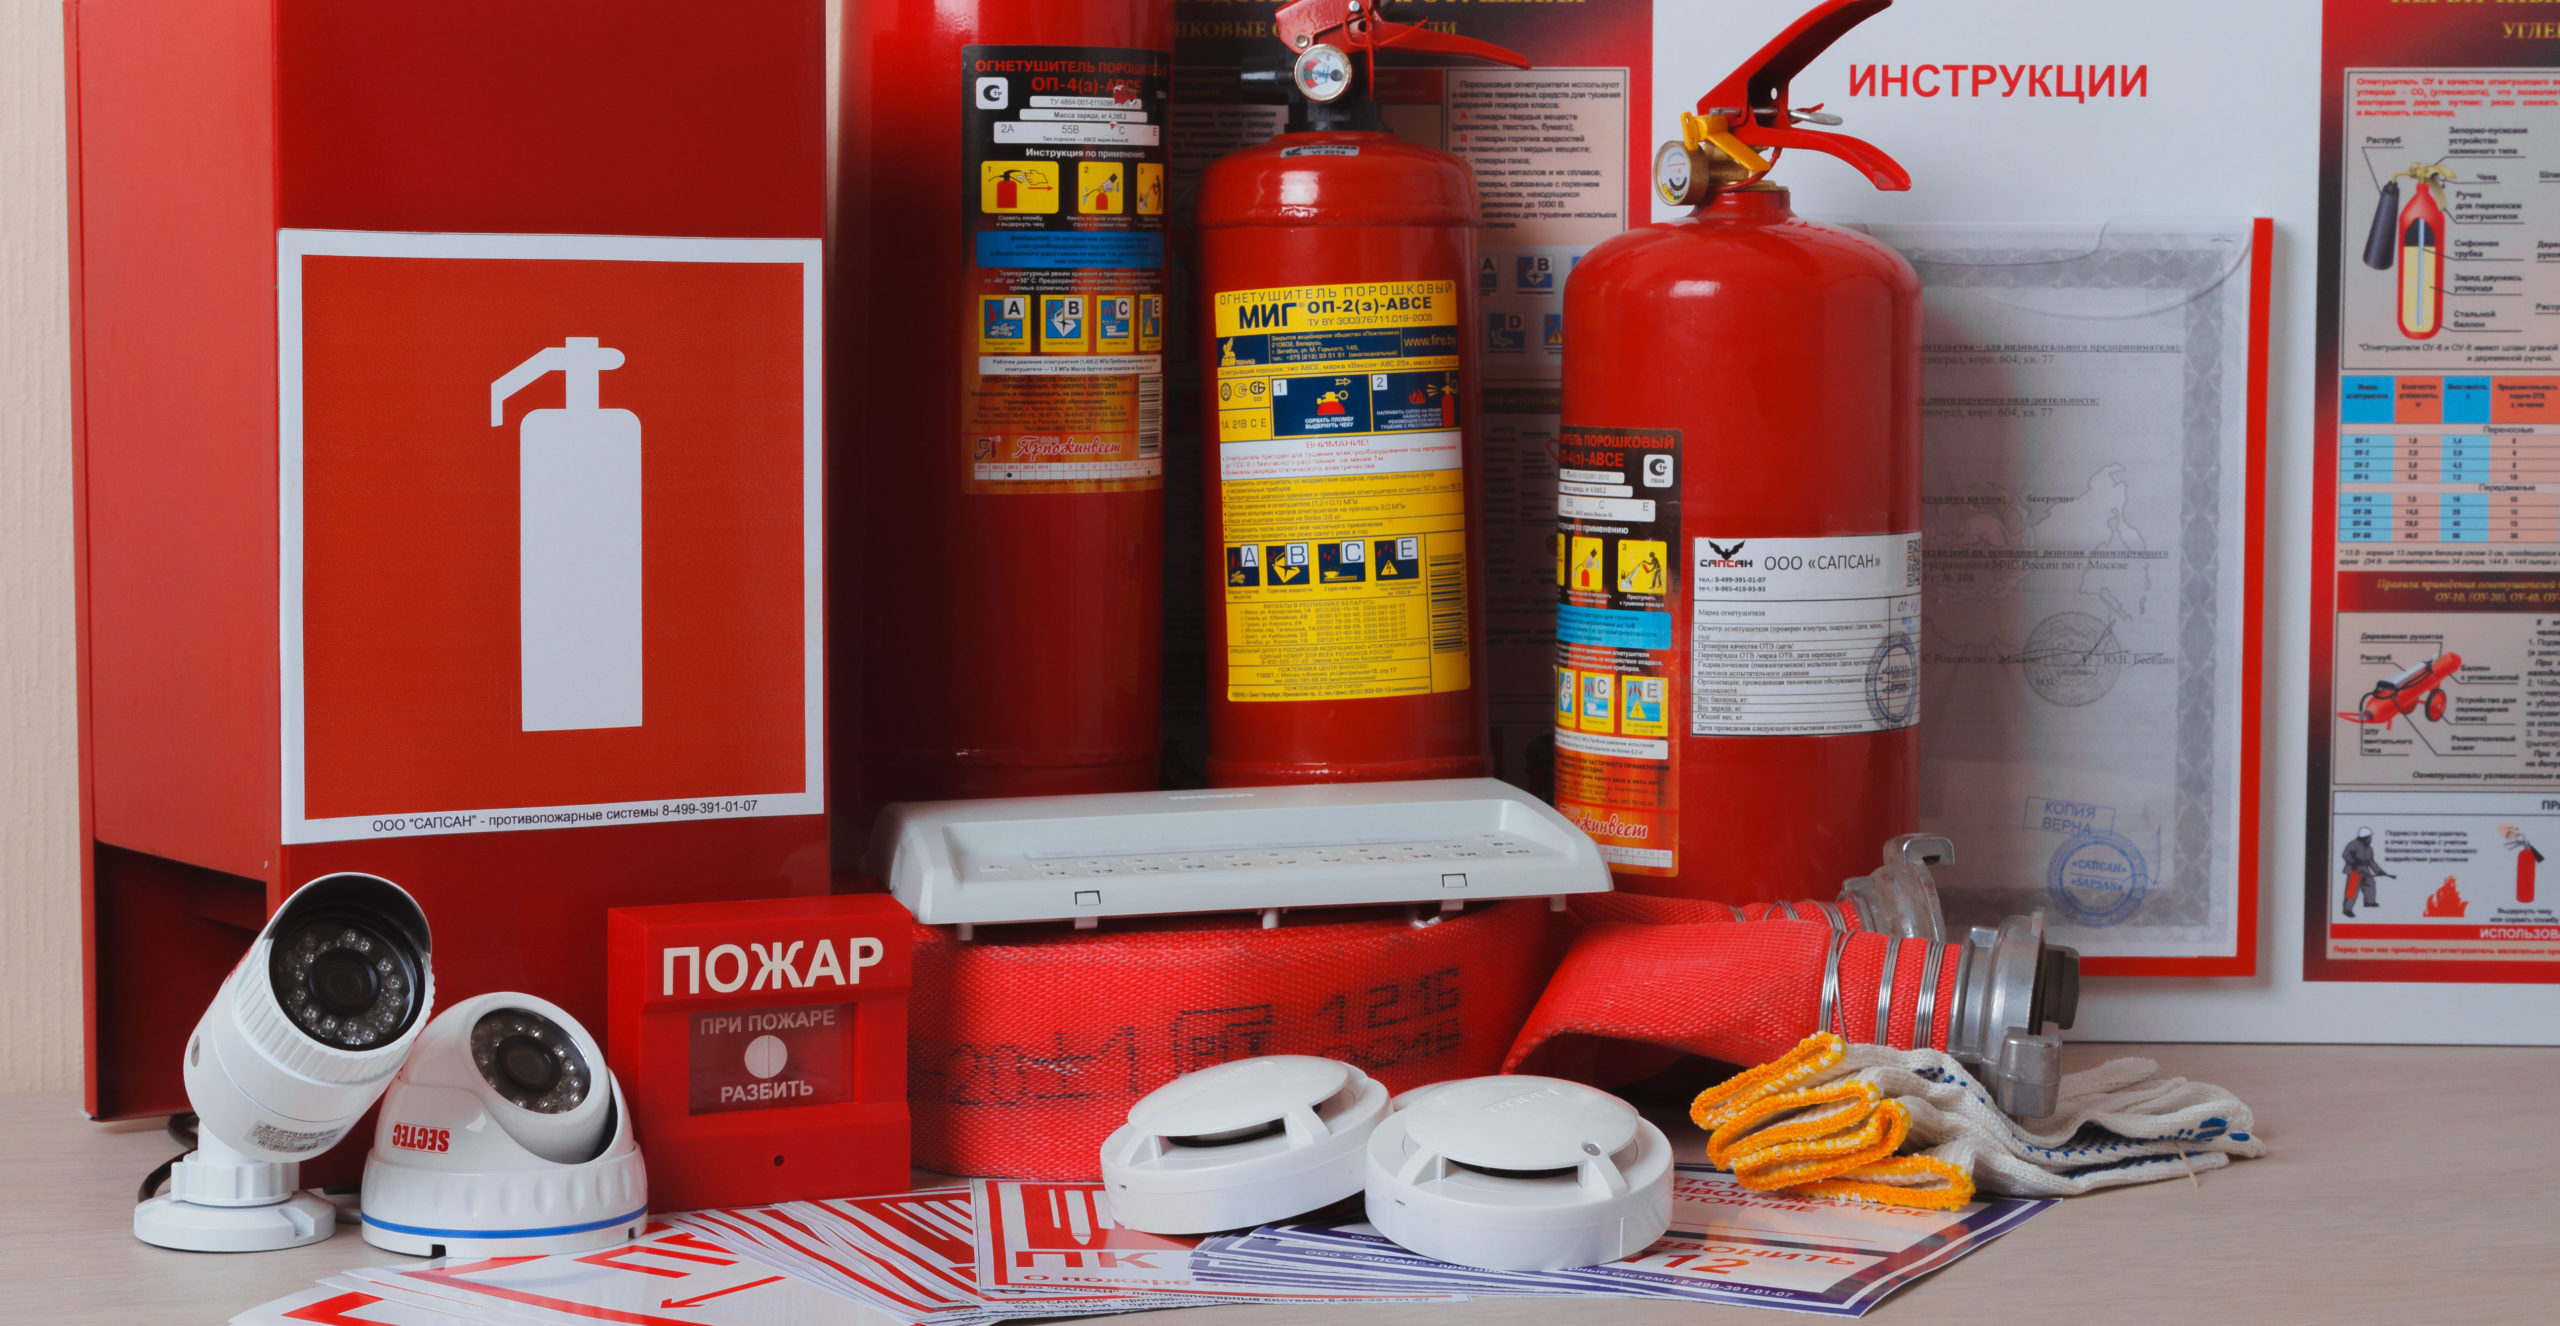 Памятка от тверских спасателей: что делать, если сработал сигнал пожарной сигнализации